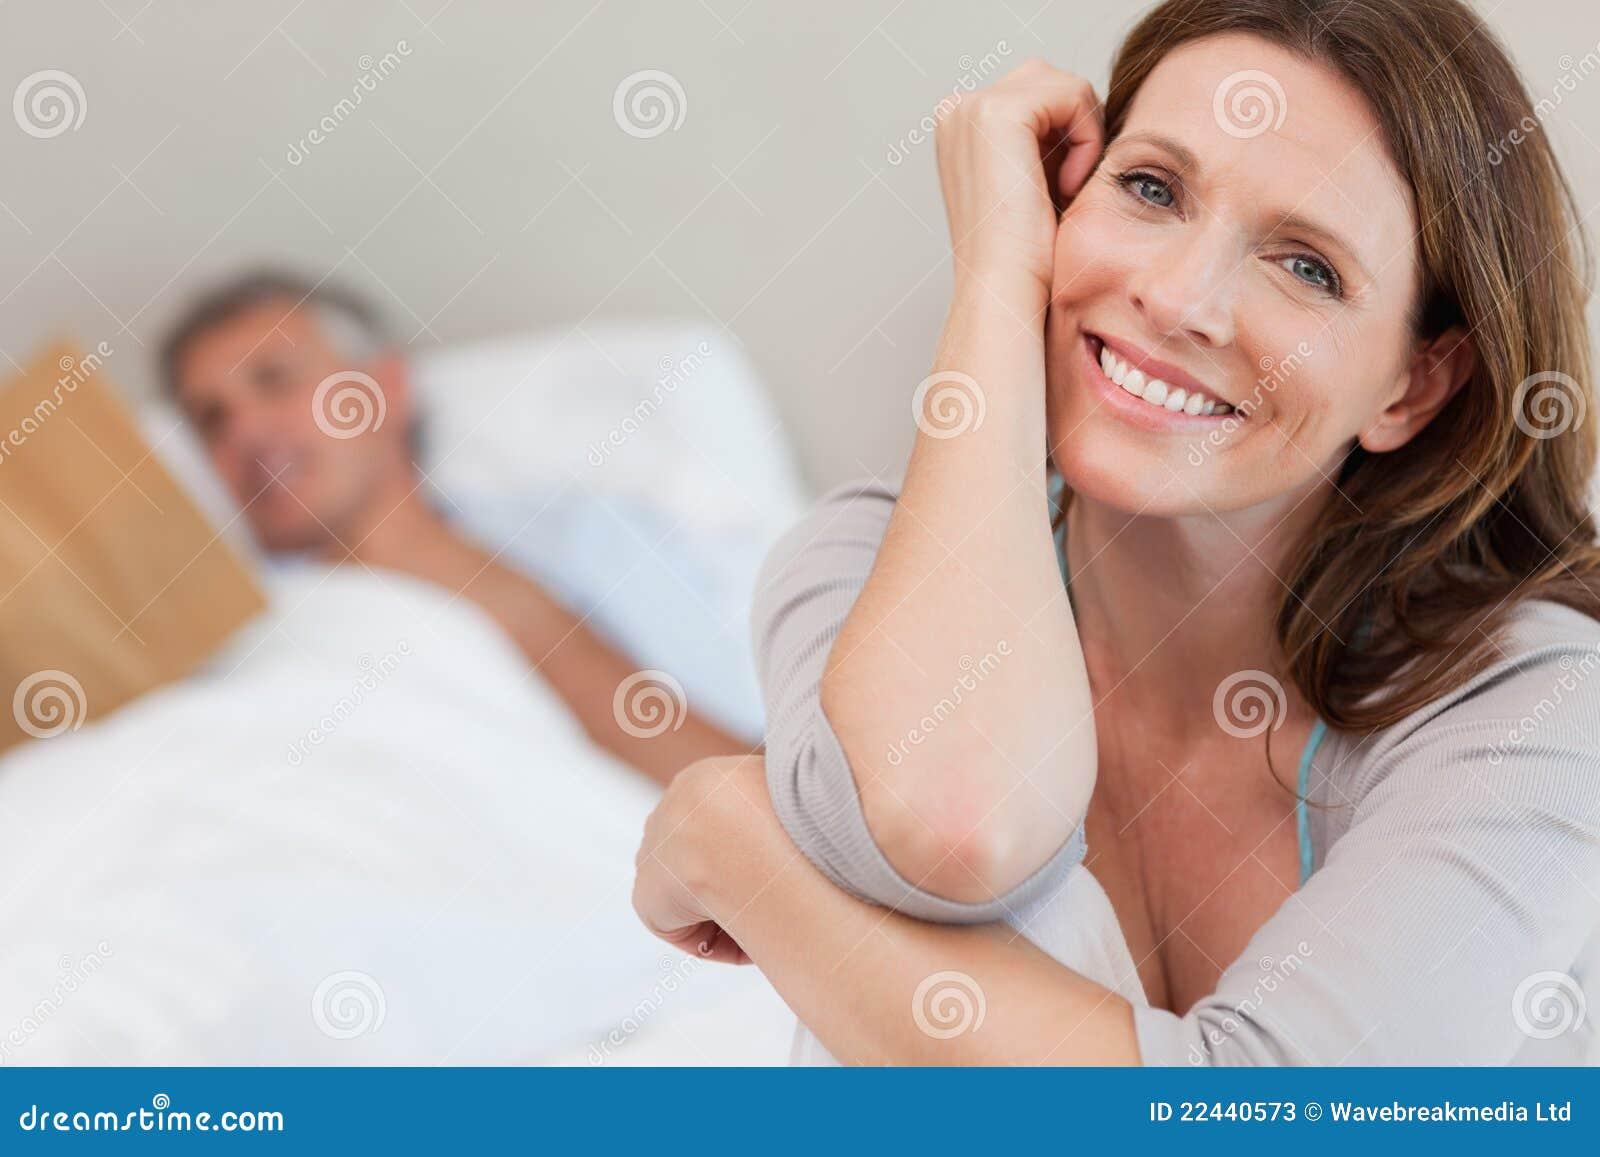 Donna sorridente felice sul letto con la lettura del marito dietro lei